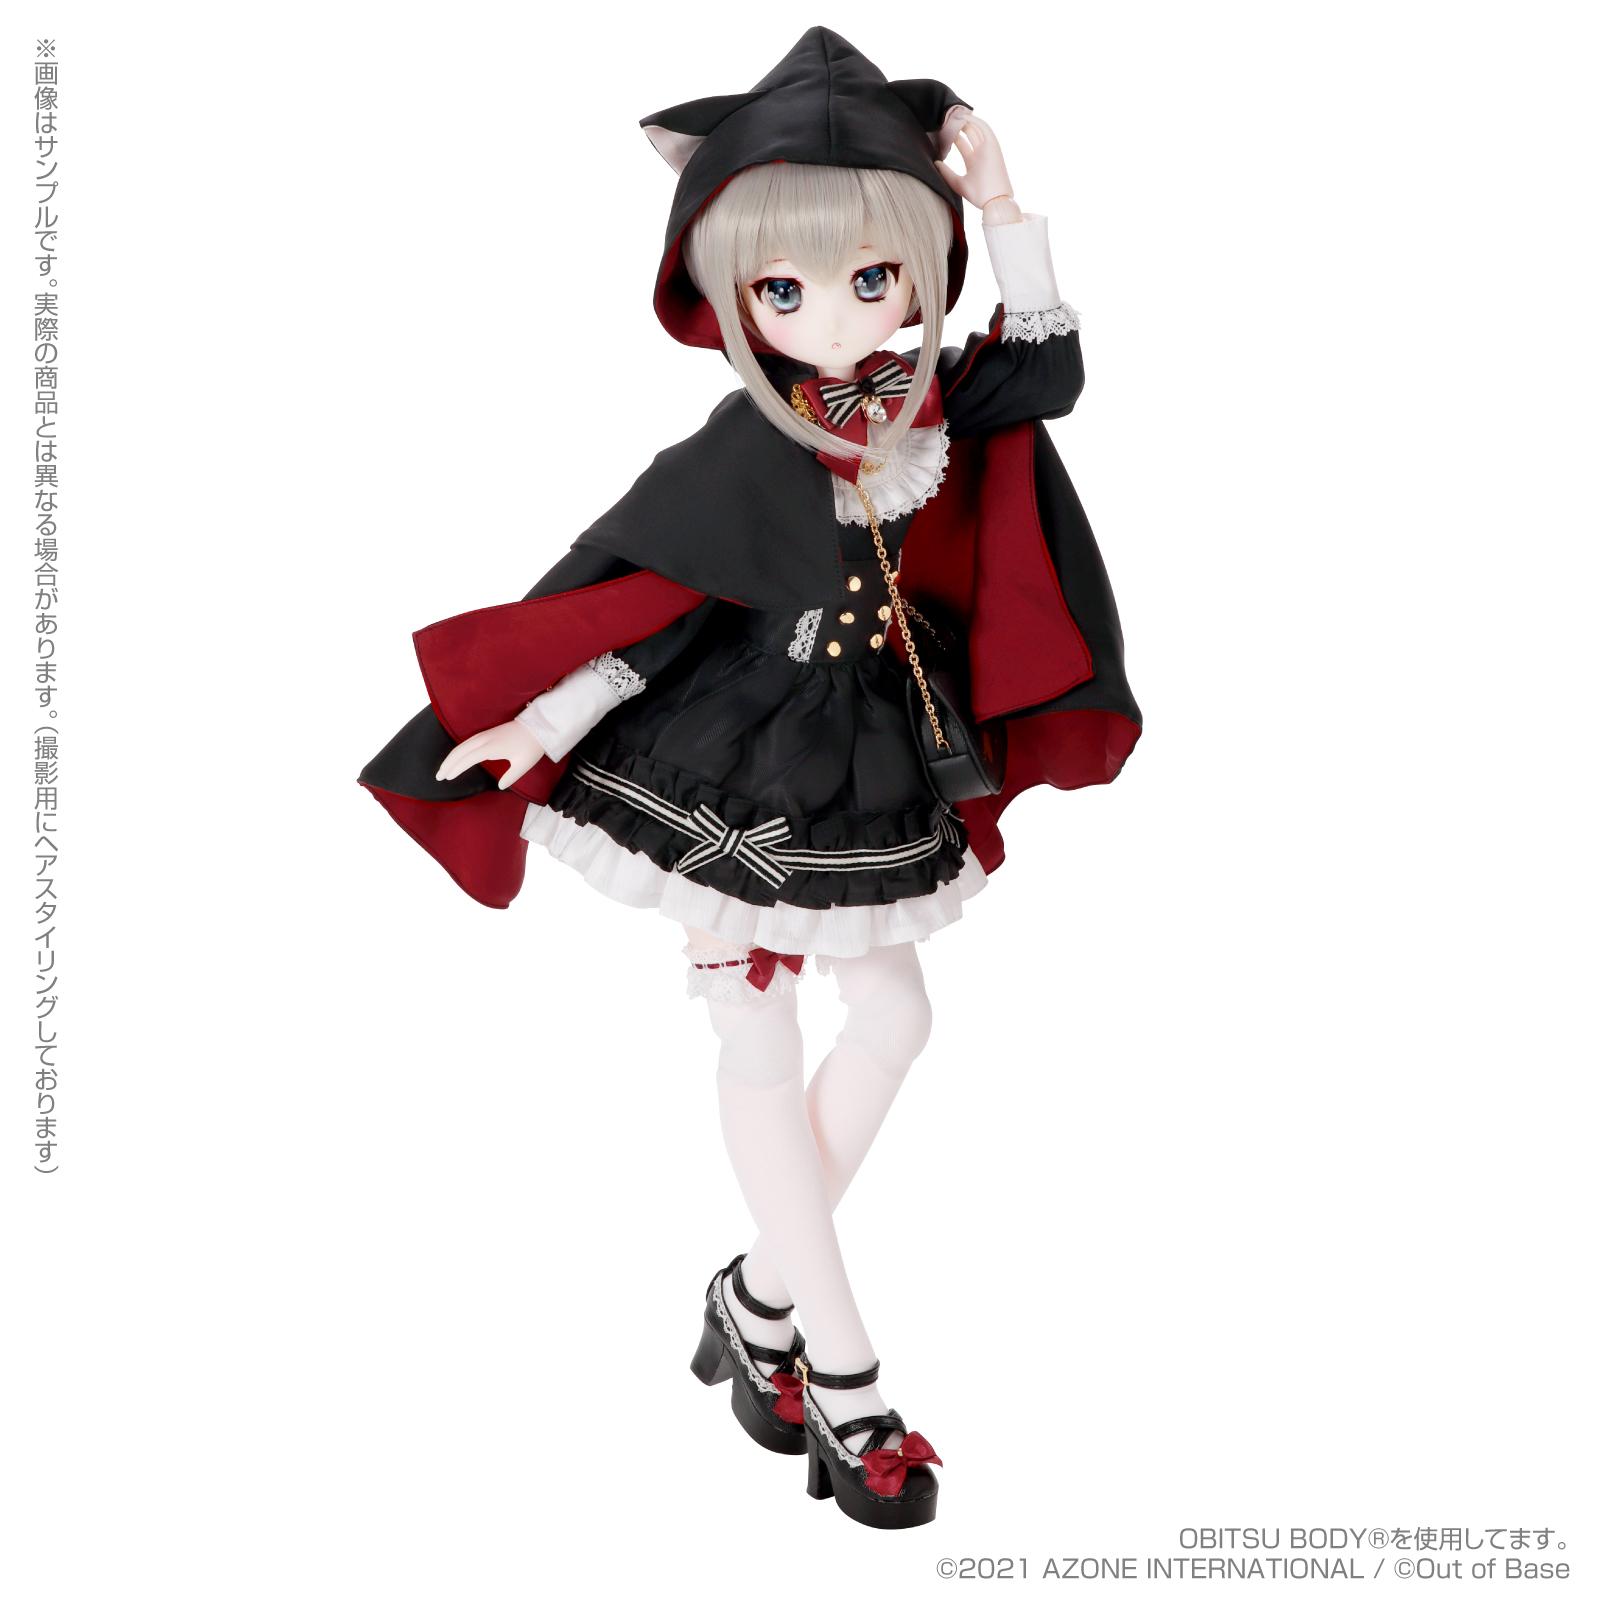 【再販】Iris Collect petit『すずね/~Wonder fraulein~Goth×Loli cats(通常販売ver.)』アイリスコレクト プチ 1/3 完成品ドール-006